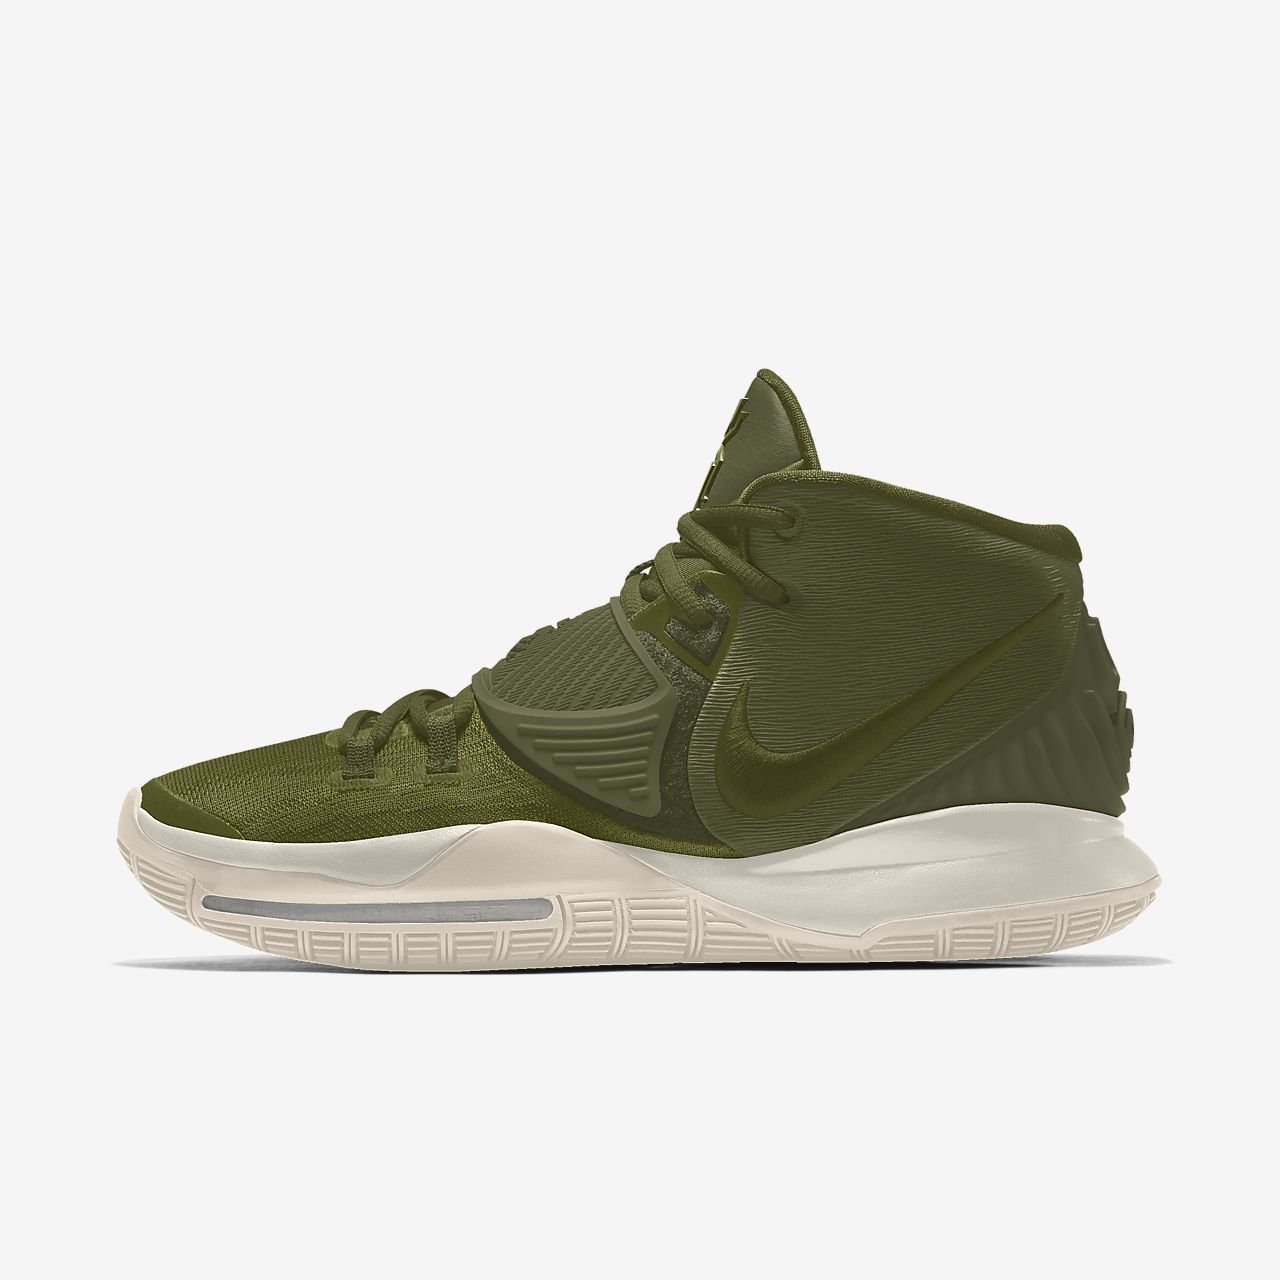 Баскетбольные кроссовки с индивидуальным дизайном Kyrie 6 By You